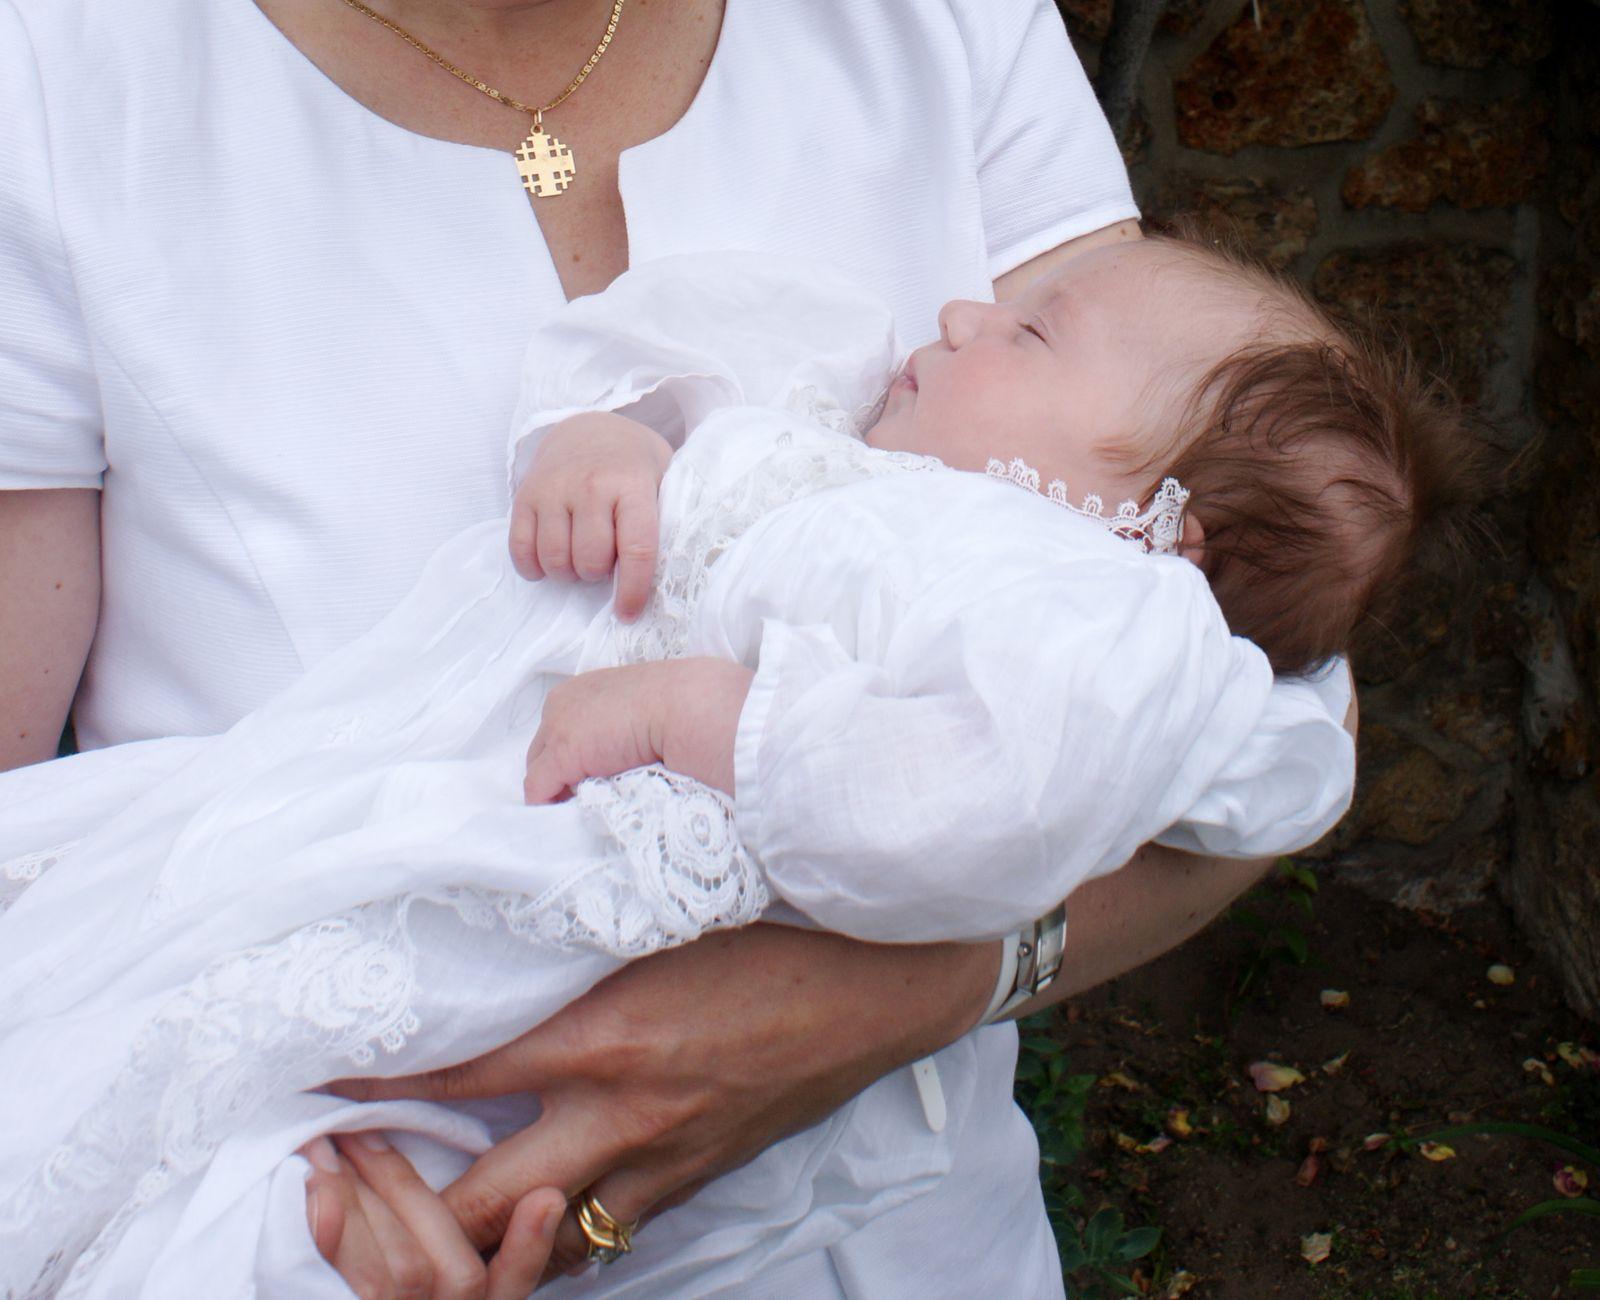 la robe de baptême de ma grand-mère, retaillée pour le baptême de mon père, qui a été jusqu'à La Réunion l'an dernier... Avec la jolie dentelle belge en plus !